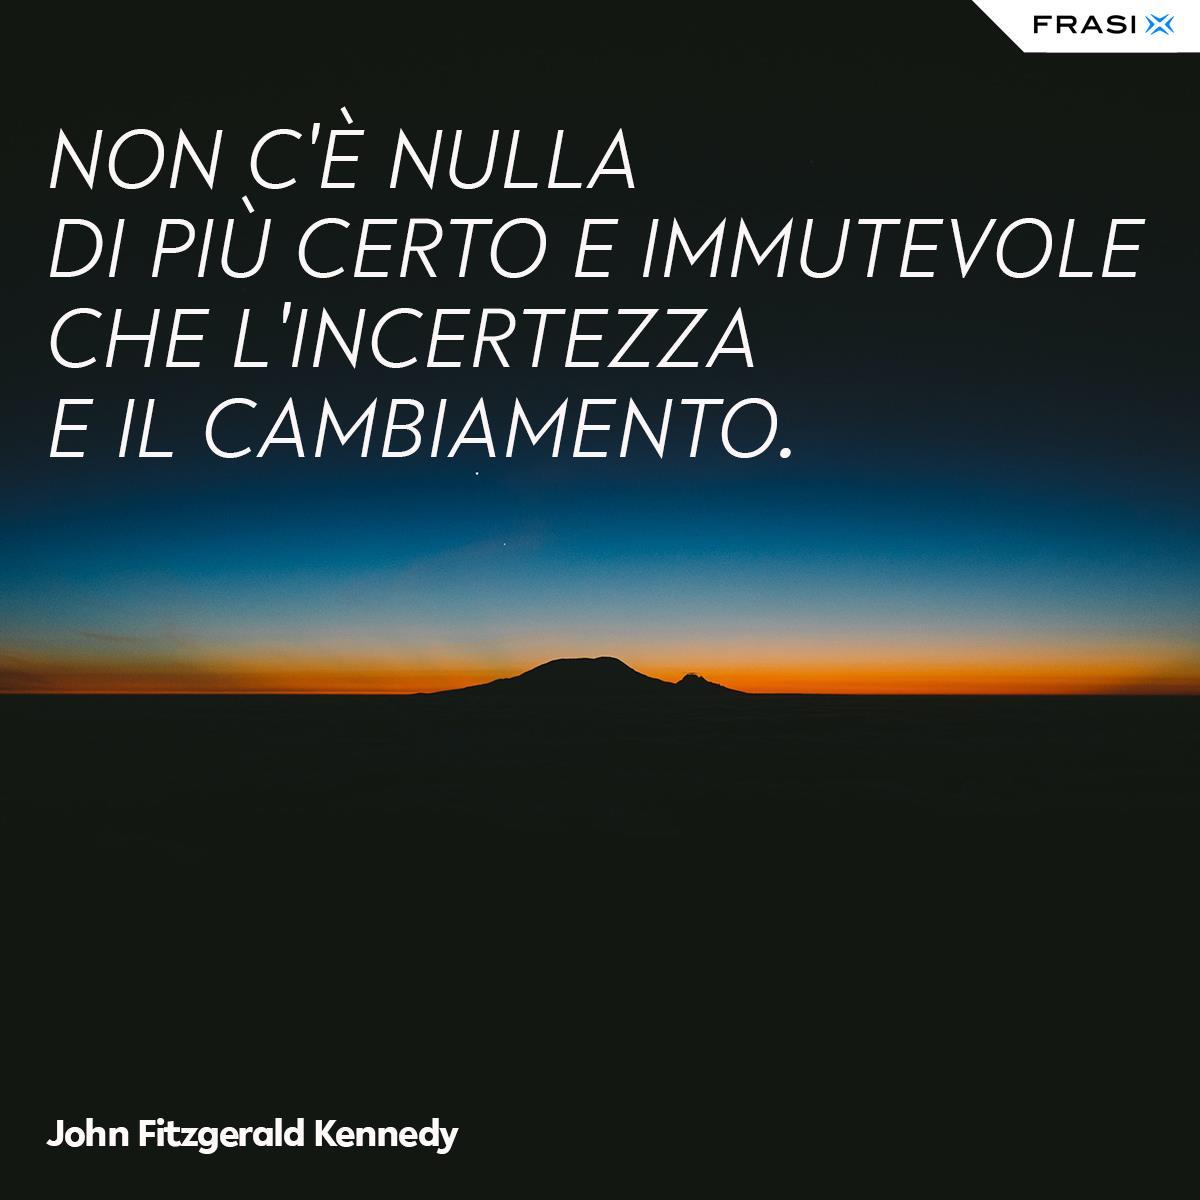 Frasi incertezza e cambiamento di John Fitzgerald Kennedy